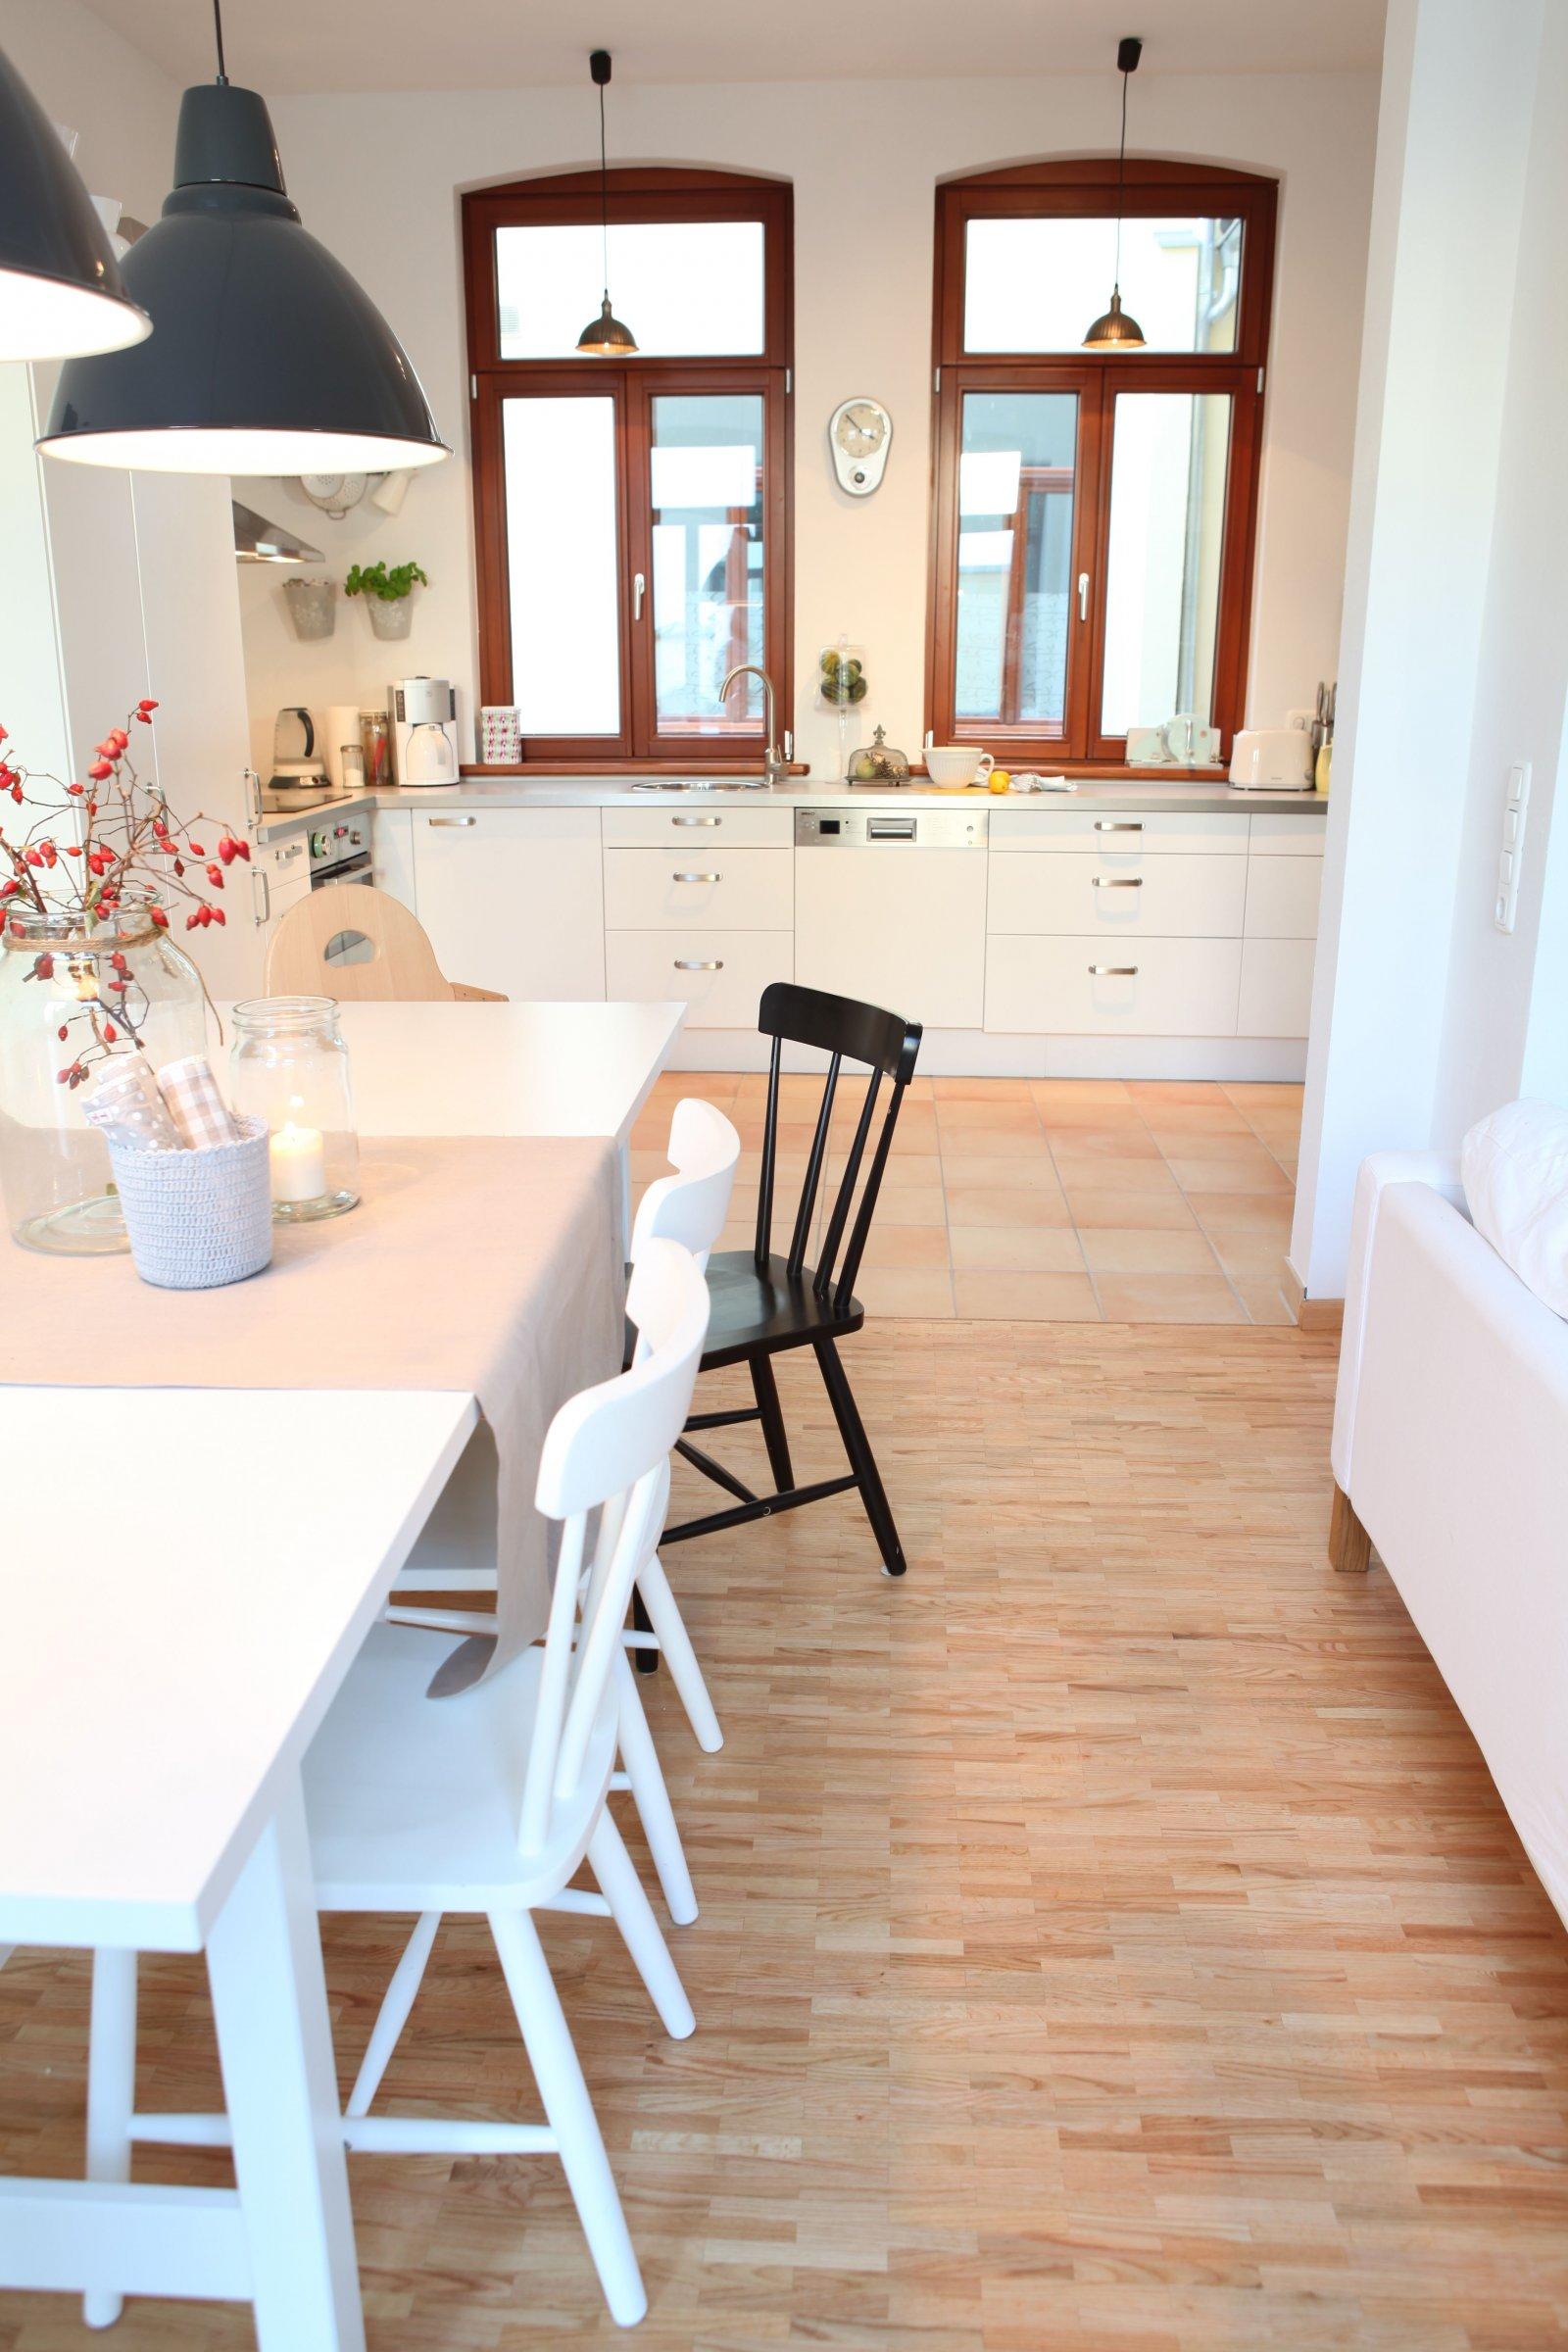 pin skandinavische k che wei und holz design on pinterest. Black Bedroom Furniture Sets. Home Design Ideas